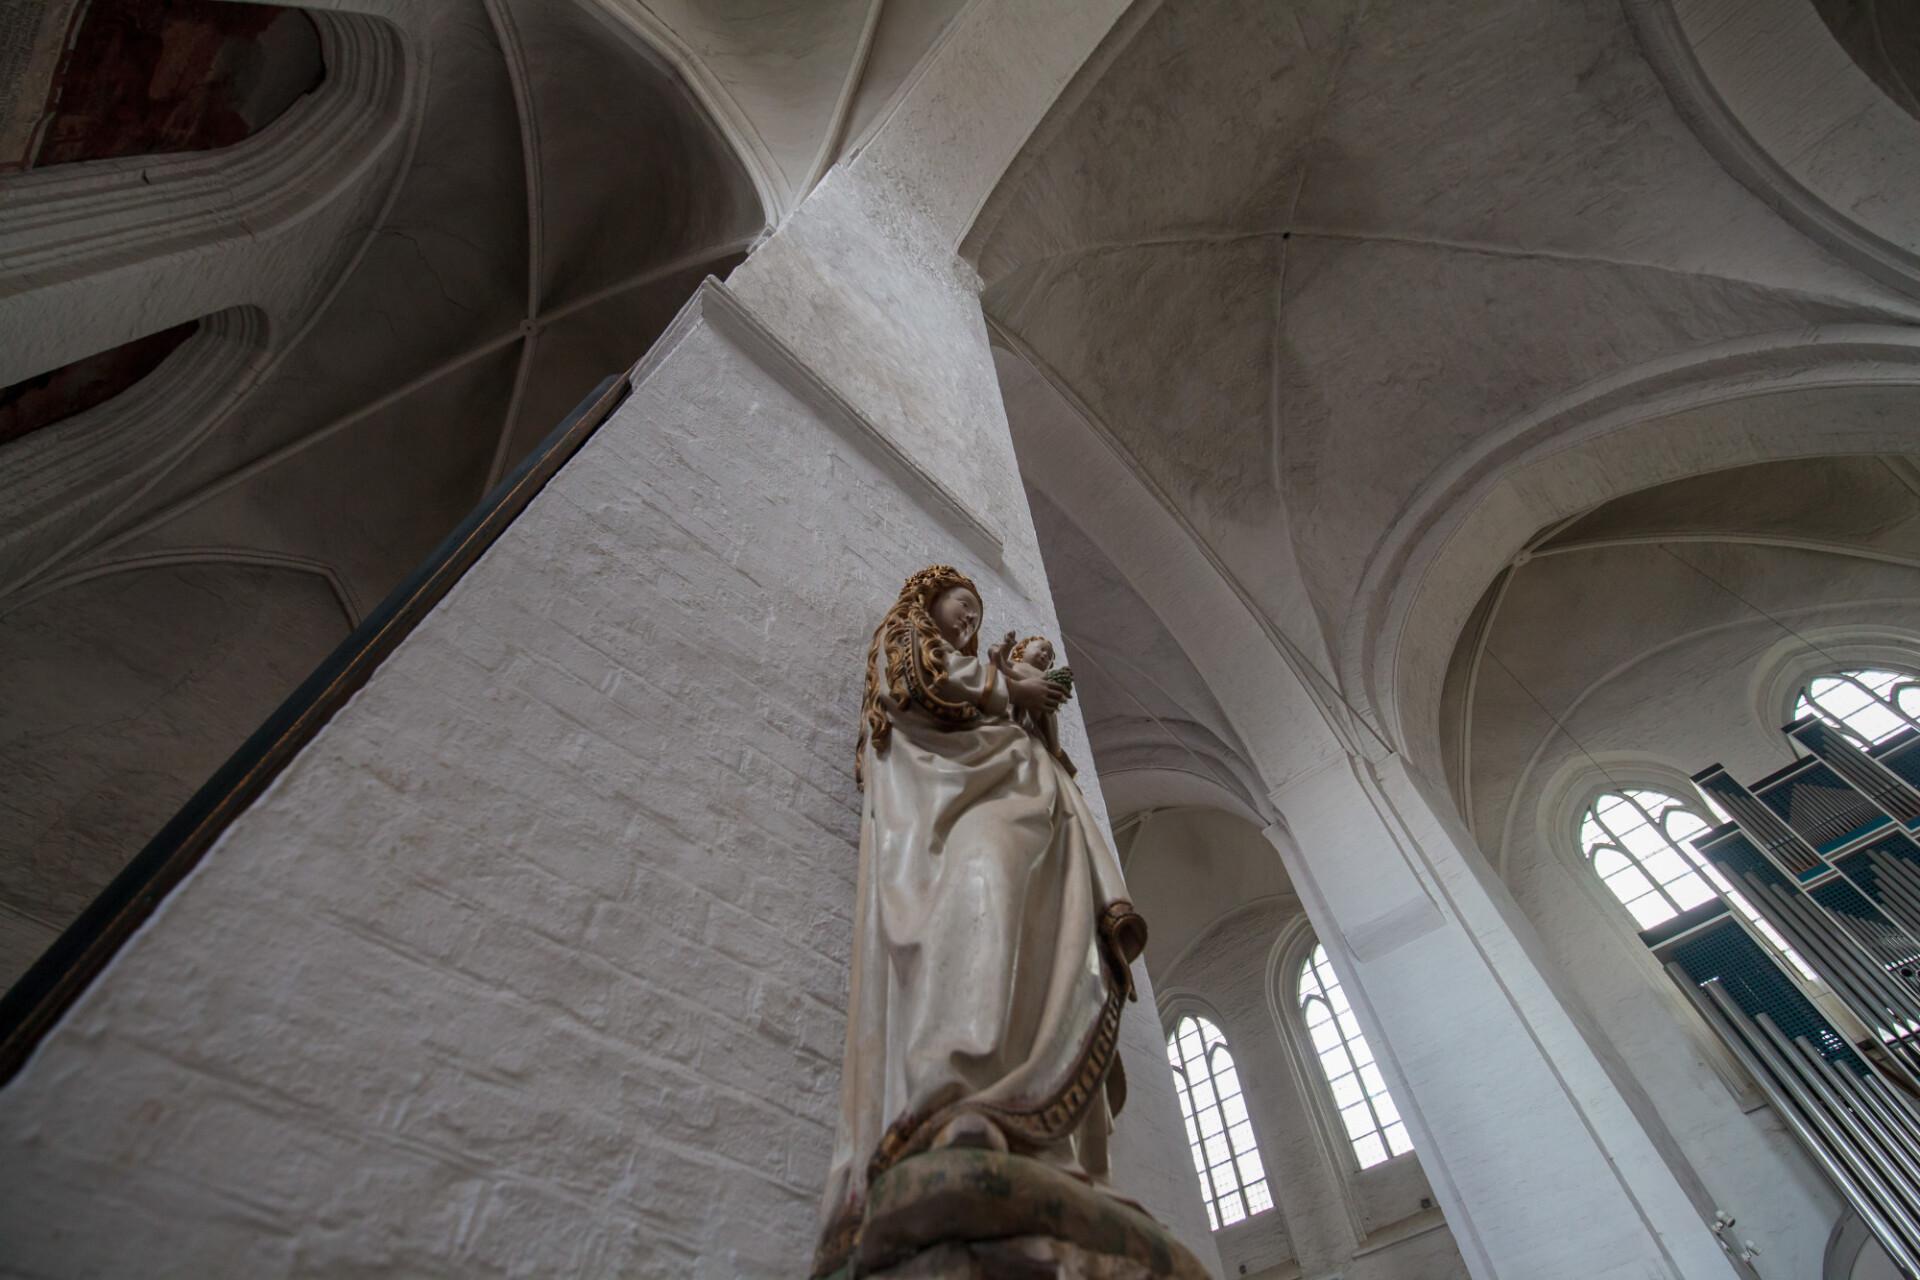 Dom zu Lübeck Interior Cathedral